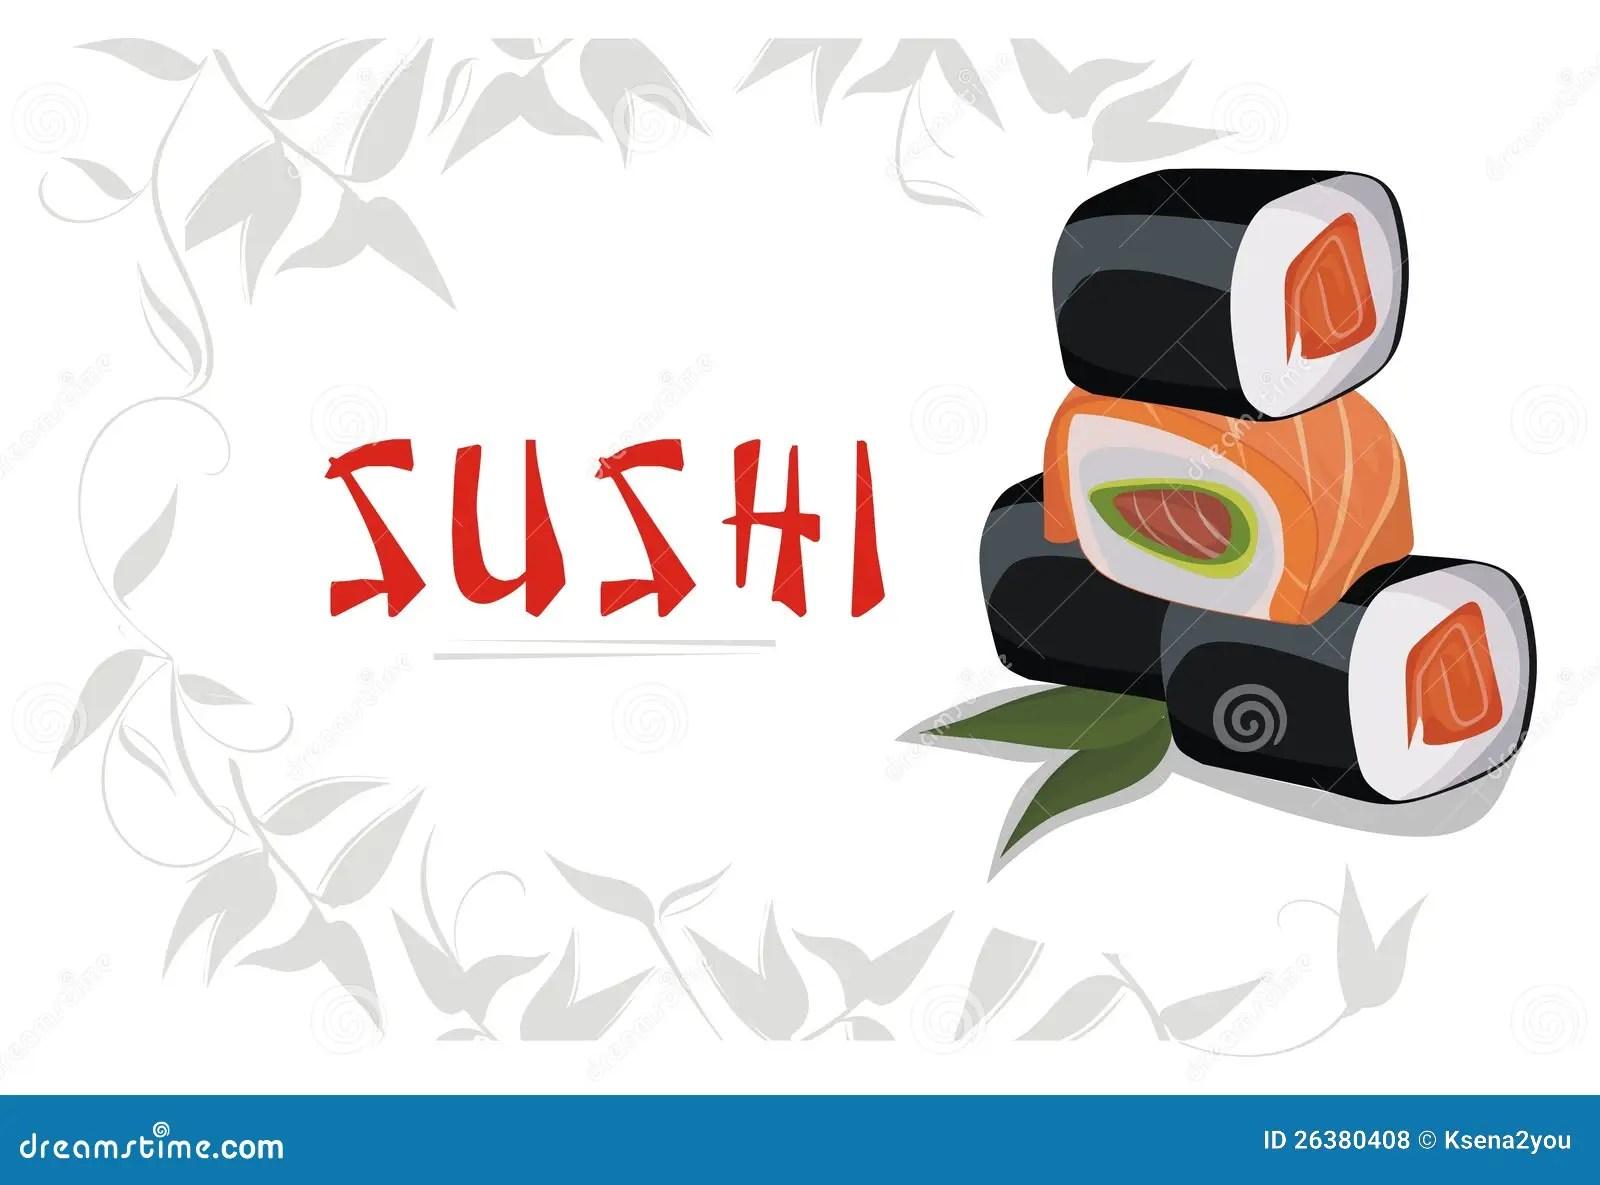 Cute Sushi Wallpaper Het Menu Van Sushi Vector Illustratie Illustratie